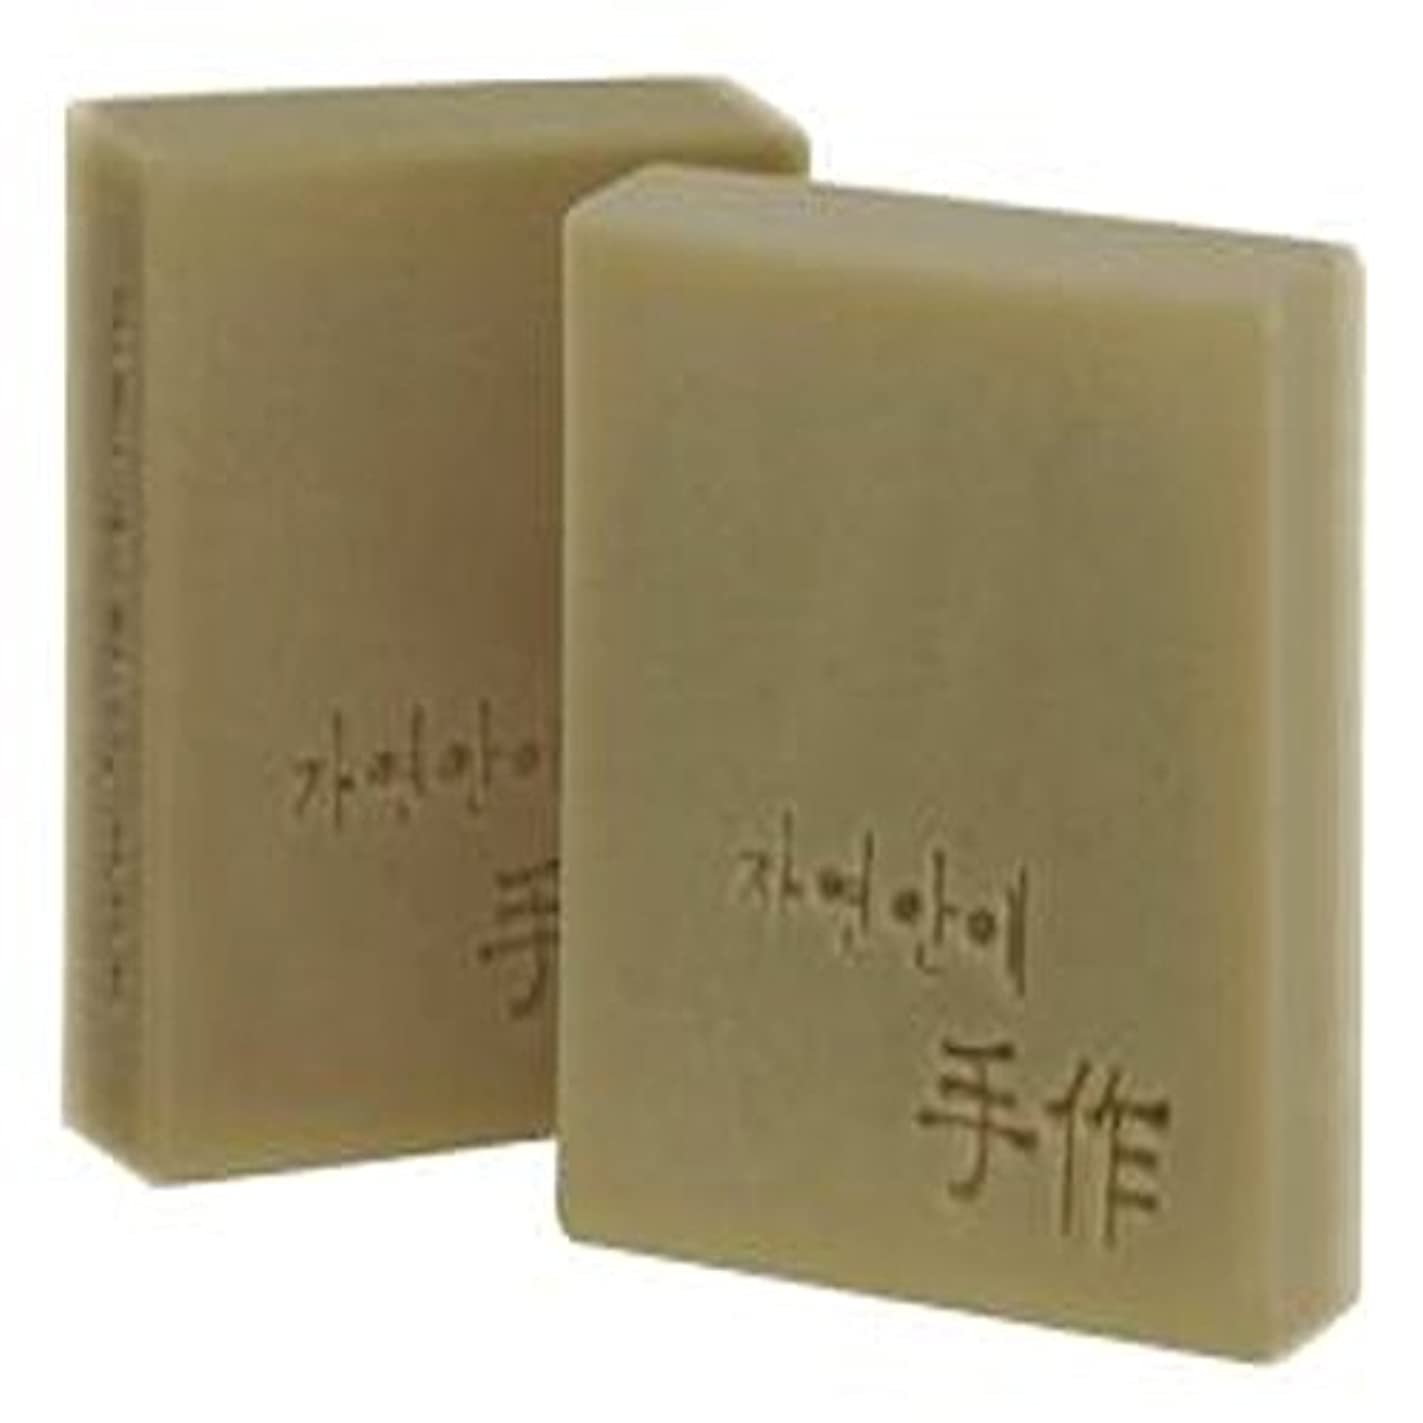 同様の特異性スピリチュアルNatural organic 有機天然ソープ 固形 無添加 洗顔せっけんクレンジング 石鹸 [並行輸入品] (米ぬか)